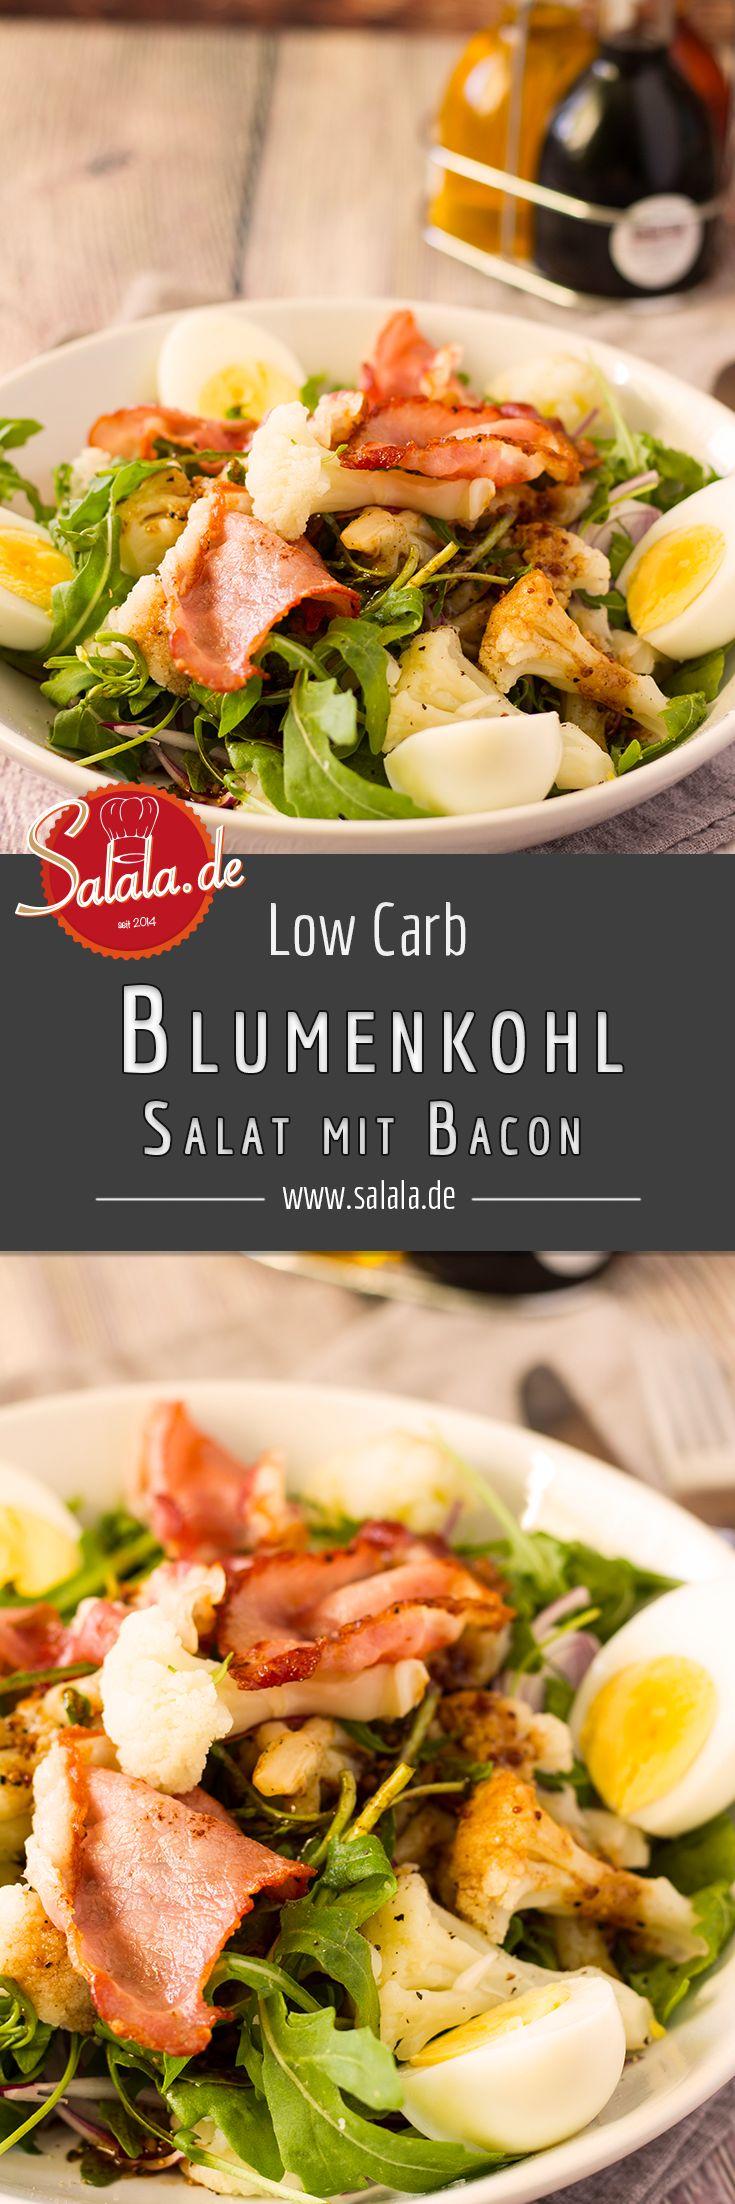 Herbstlicher Low Carb Blumenkohlsalat mit Bacon